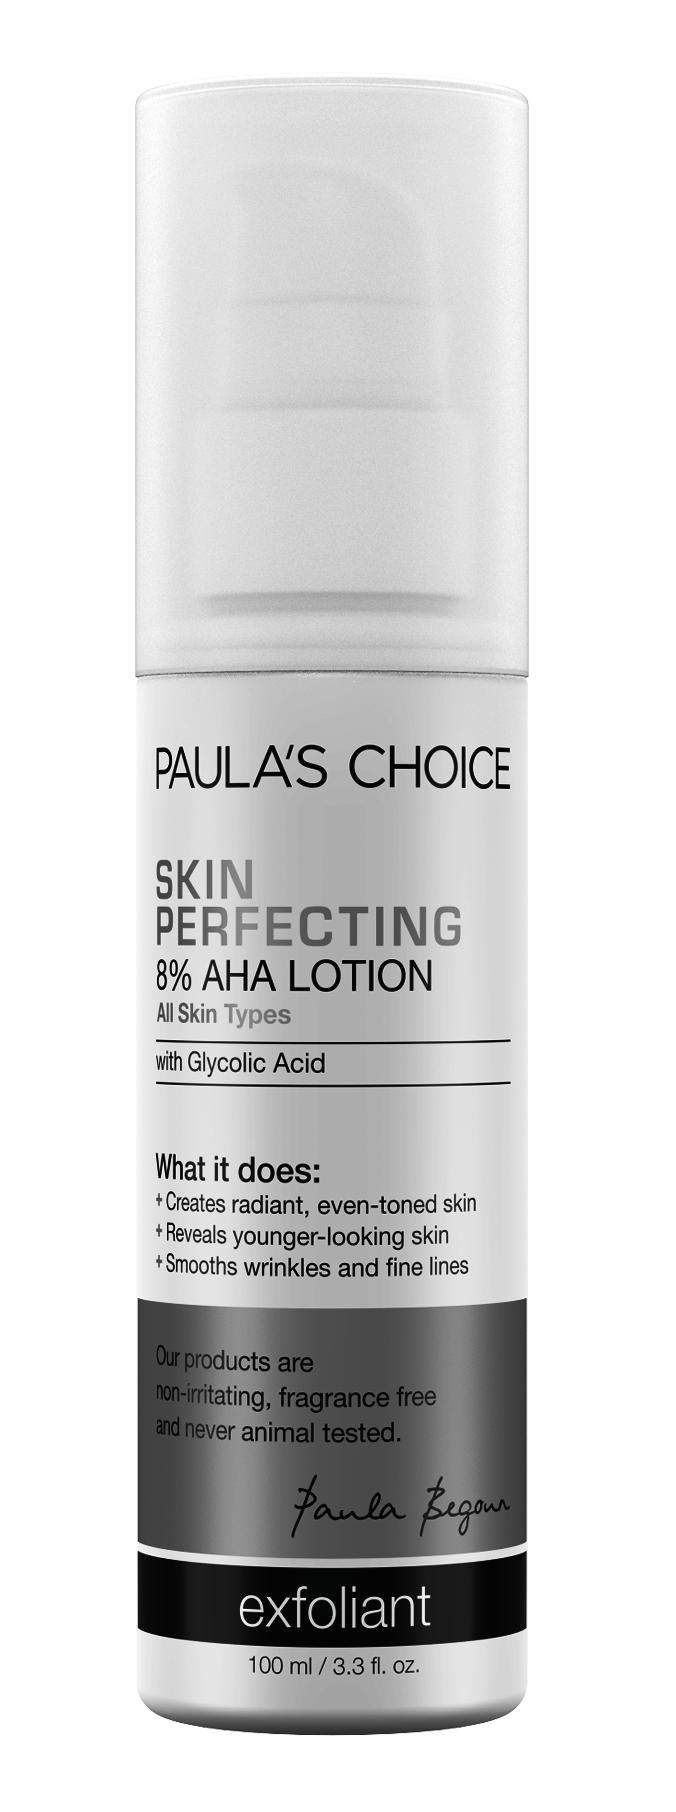 ลด 20 % PAULA'S CHOICE :: Skin Perfecting 8% AHA Lotion ลดรอยดำ ทำให้ผิวกระจ่างใส บำรุงผิวให้ชุ่มชื่นเรียบเนียน สำหรับทุกสภาพผิว